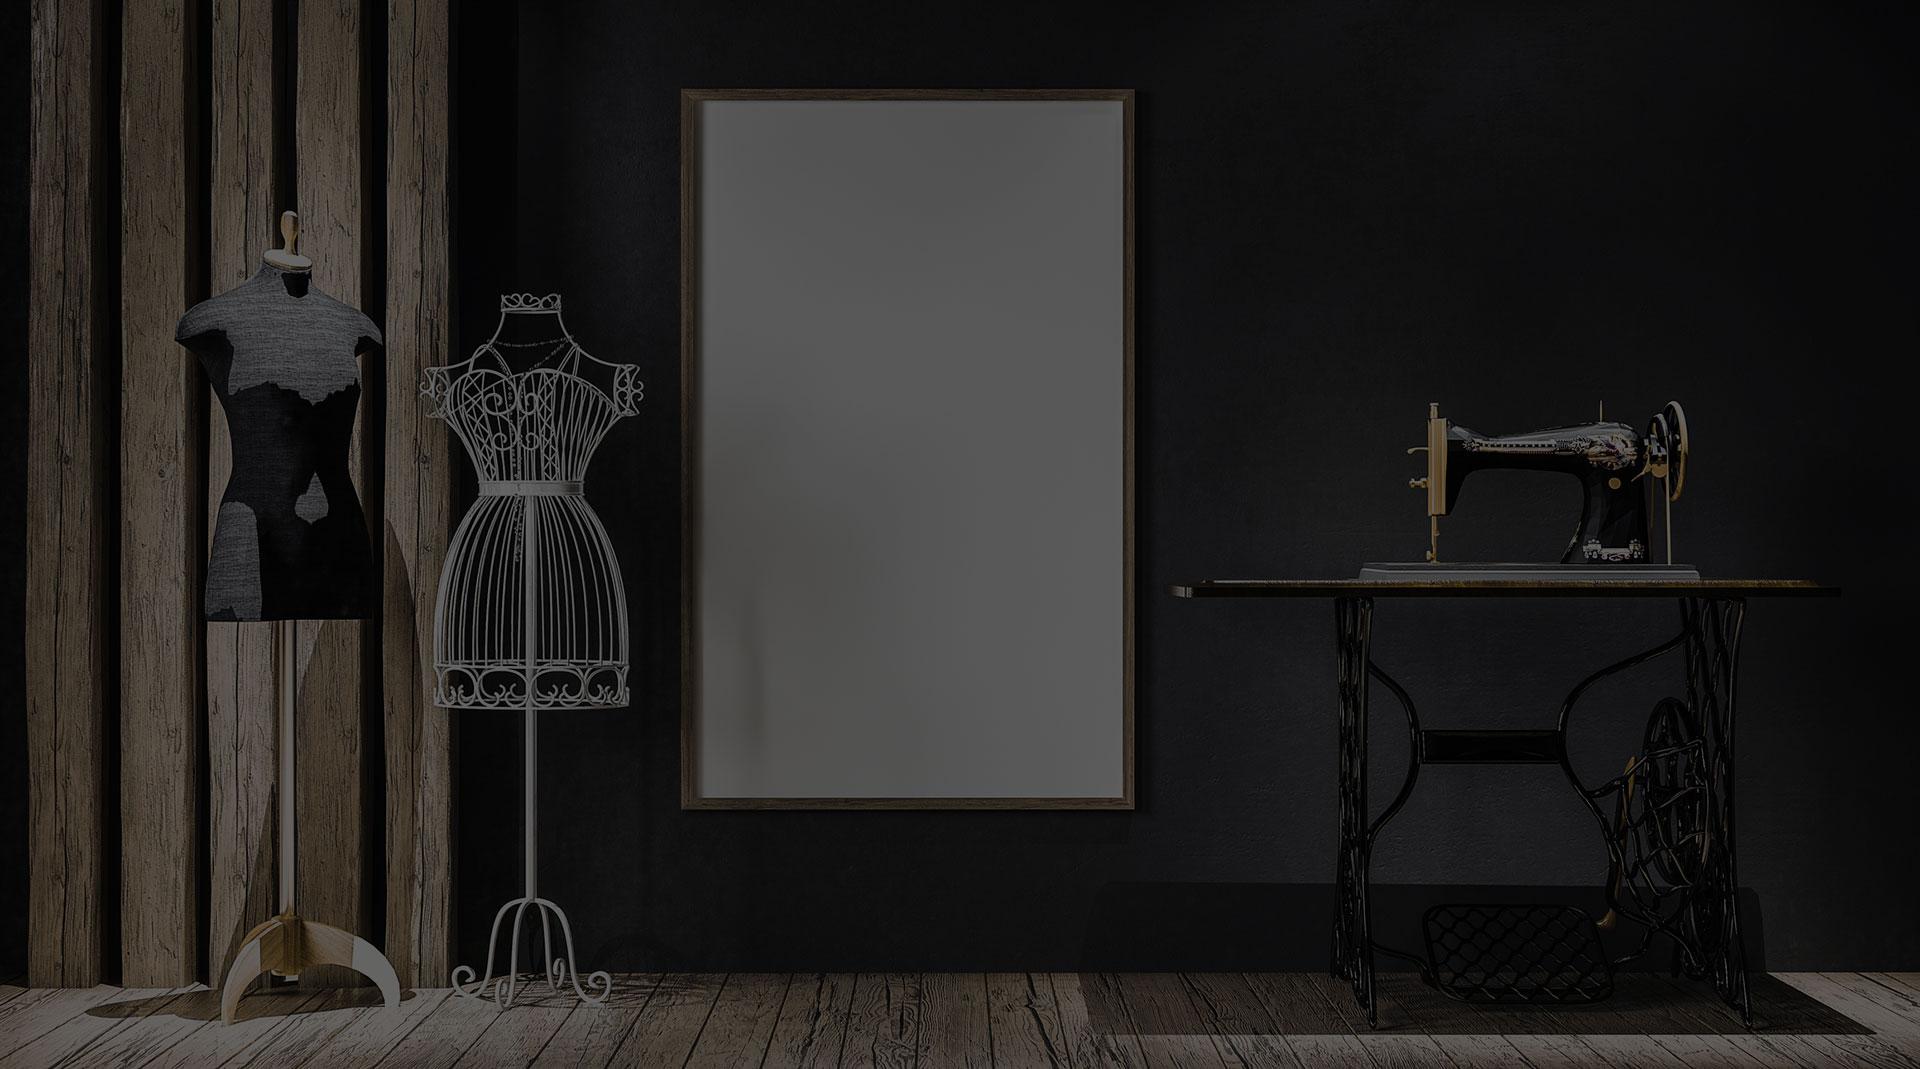 Designermöbel und Ladendekoration von Ästhetik & Design by Holger Kressin